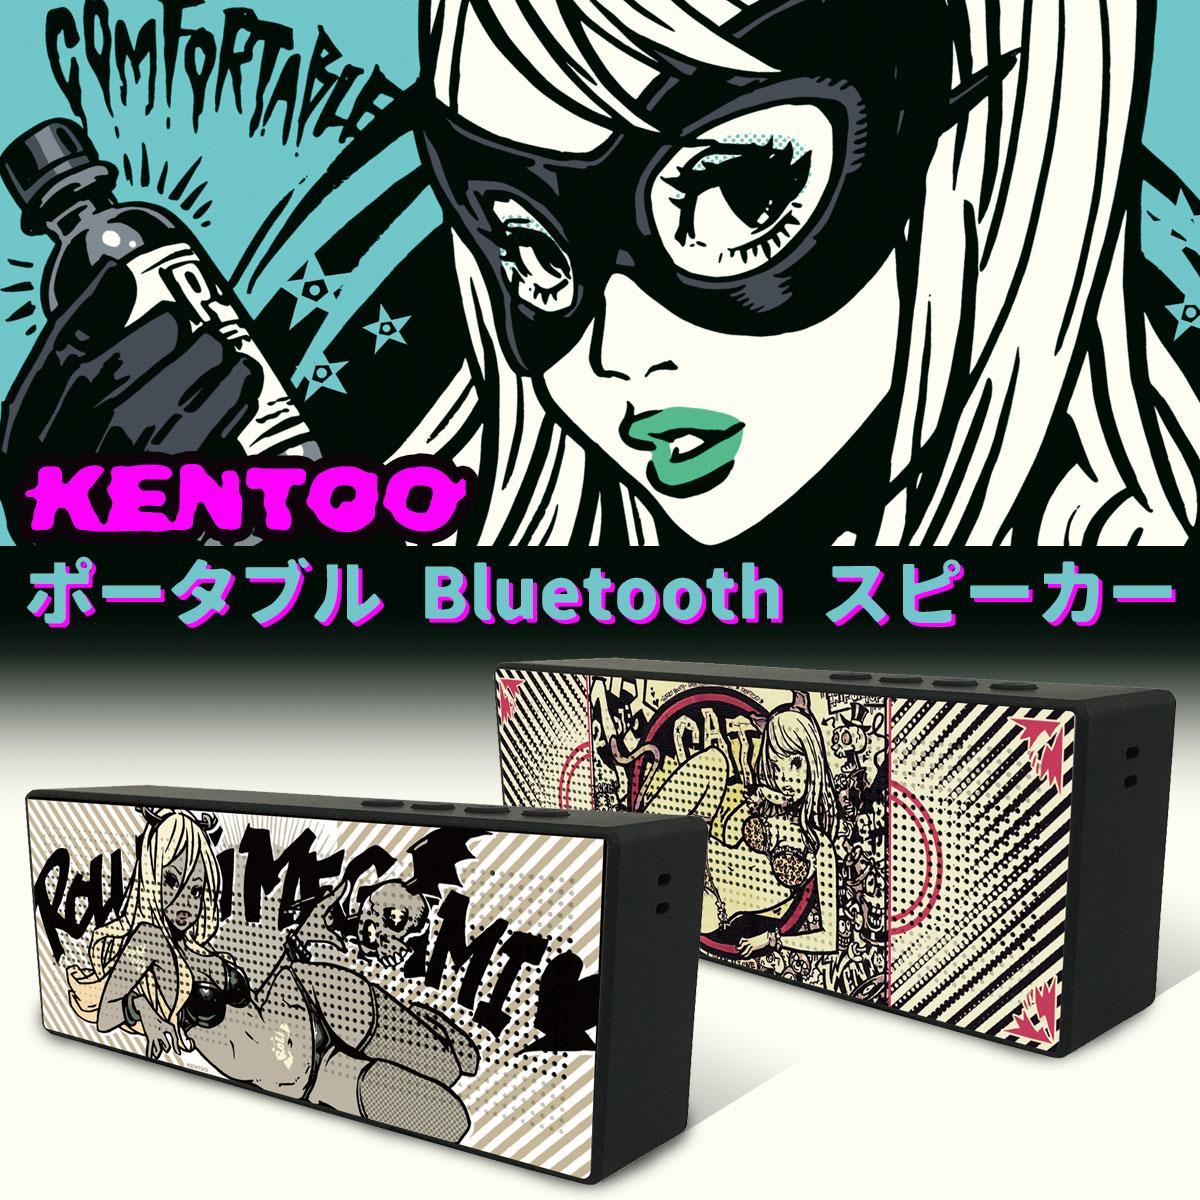 スピーカー Bluetooth 高音質 ブルートゥース スピーカー大音量 ワイヤレス スピーカー ポータブル iPhone Android 作家 KENTOO sp01-005